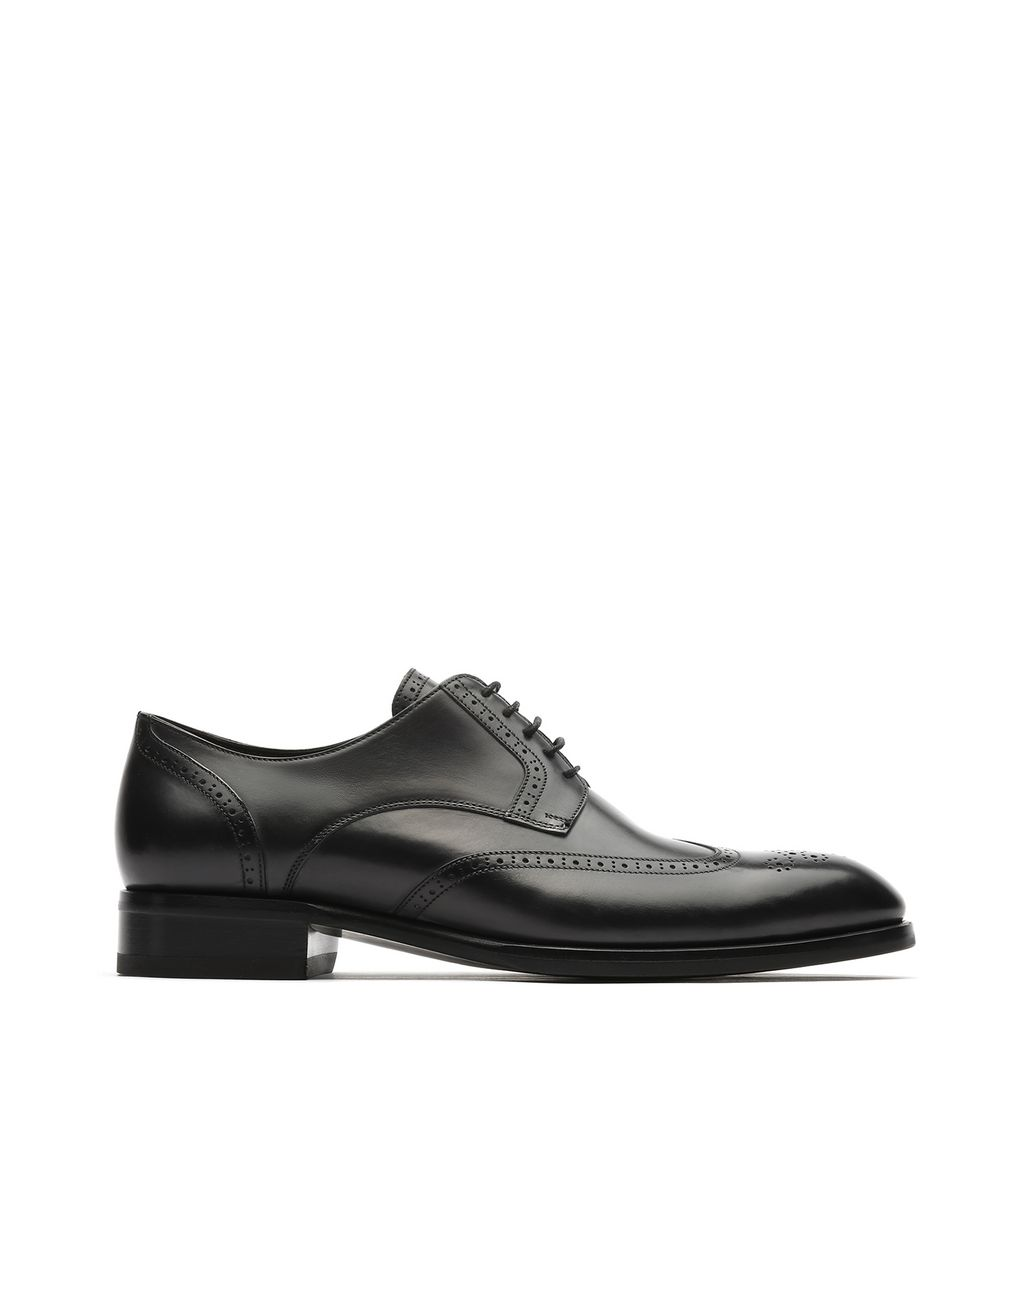 BRIONI Чёрные Дерби-Броги Классическая обувь Для Мужчин f